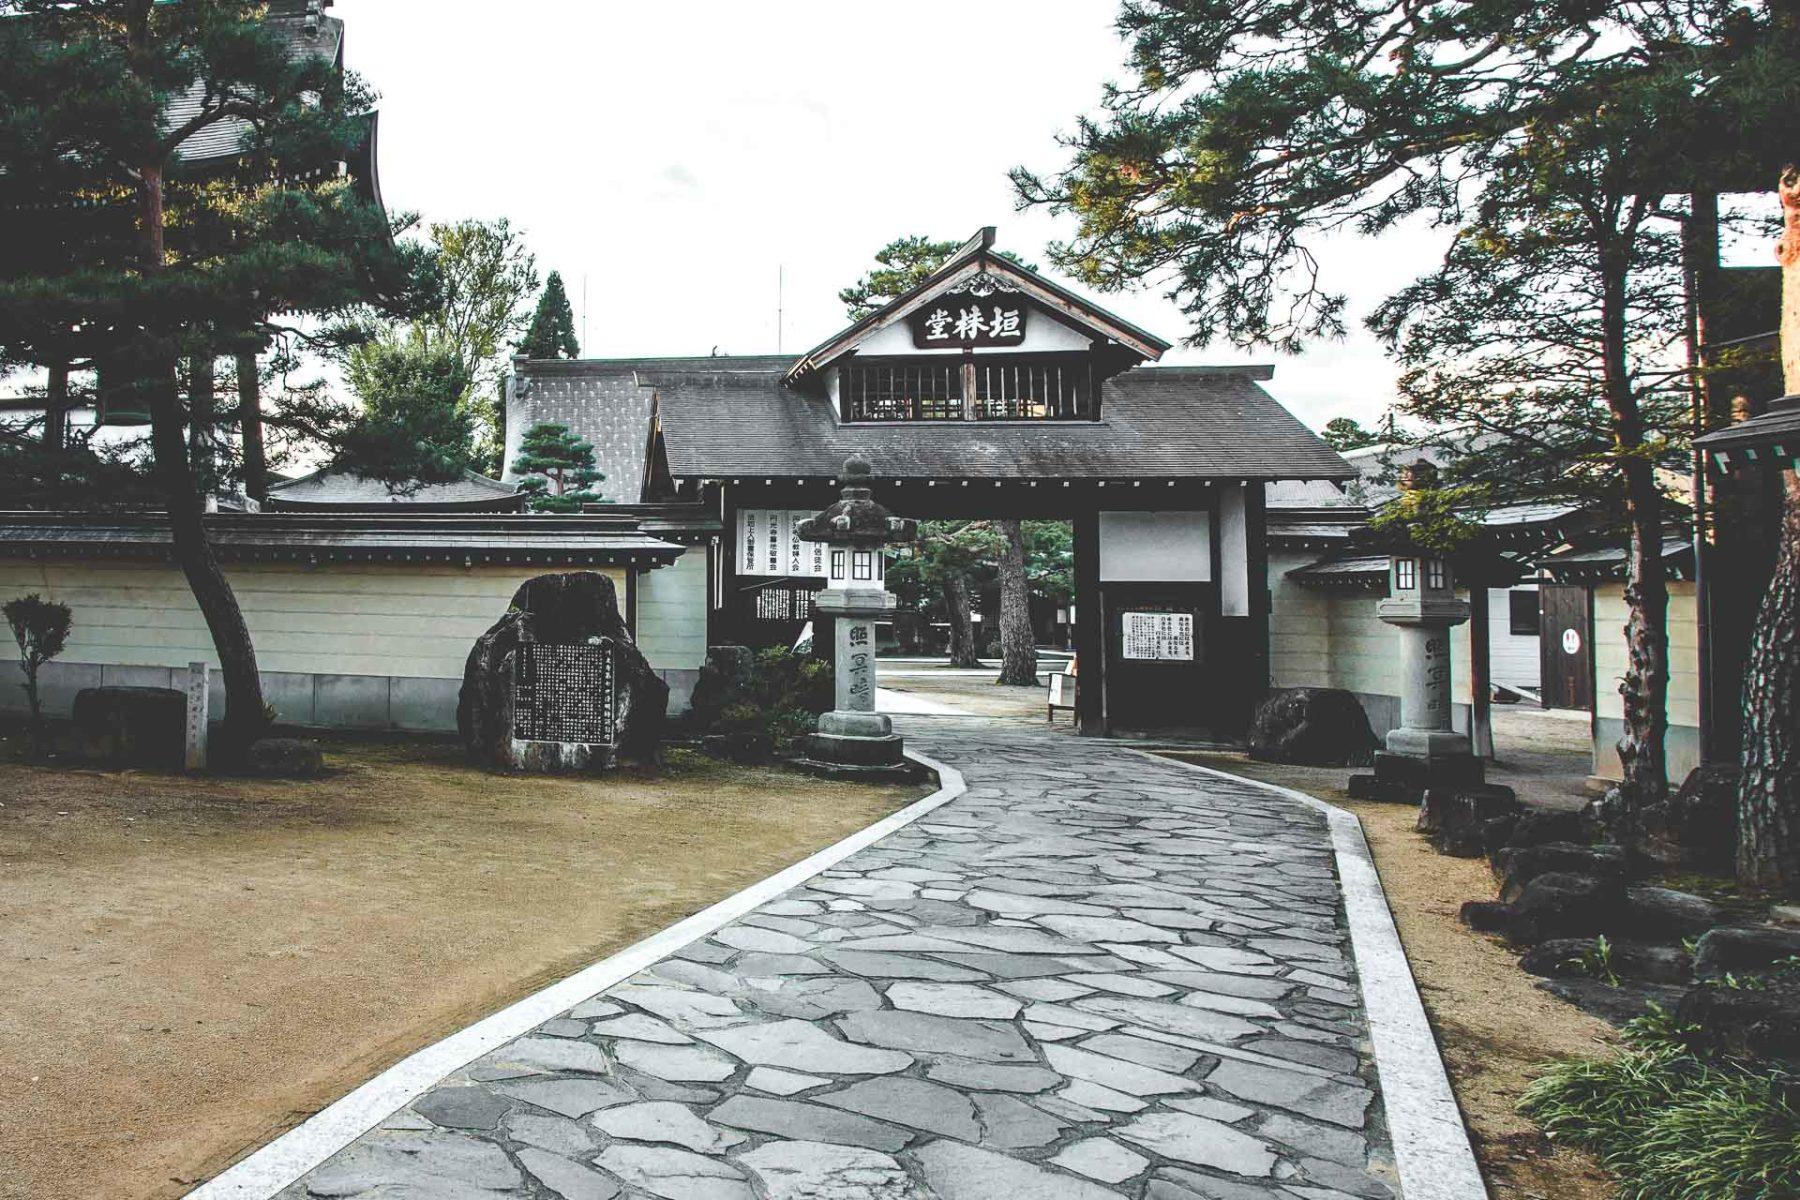 1600942431 960 Hida Furukawa camina en Japon inspiracion de Your Name